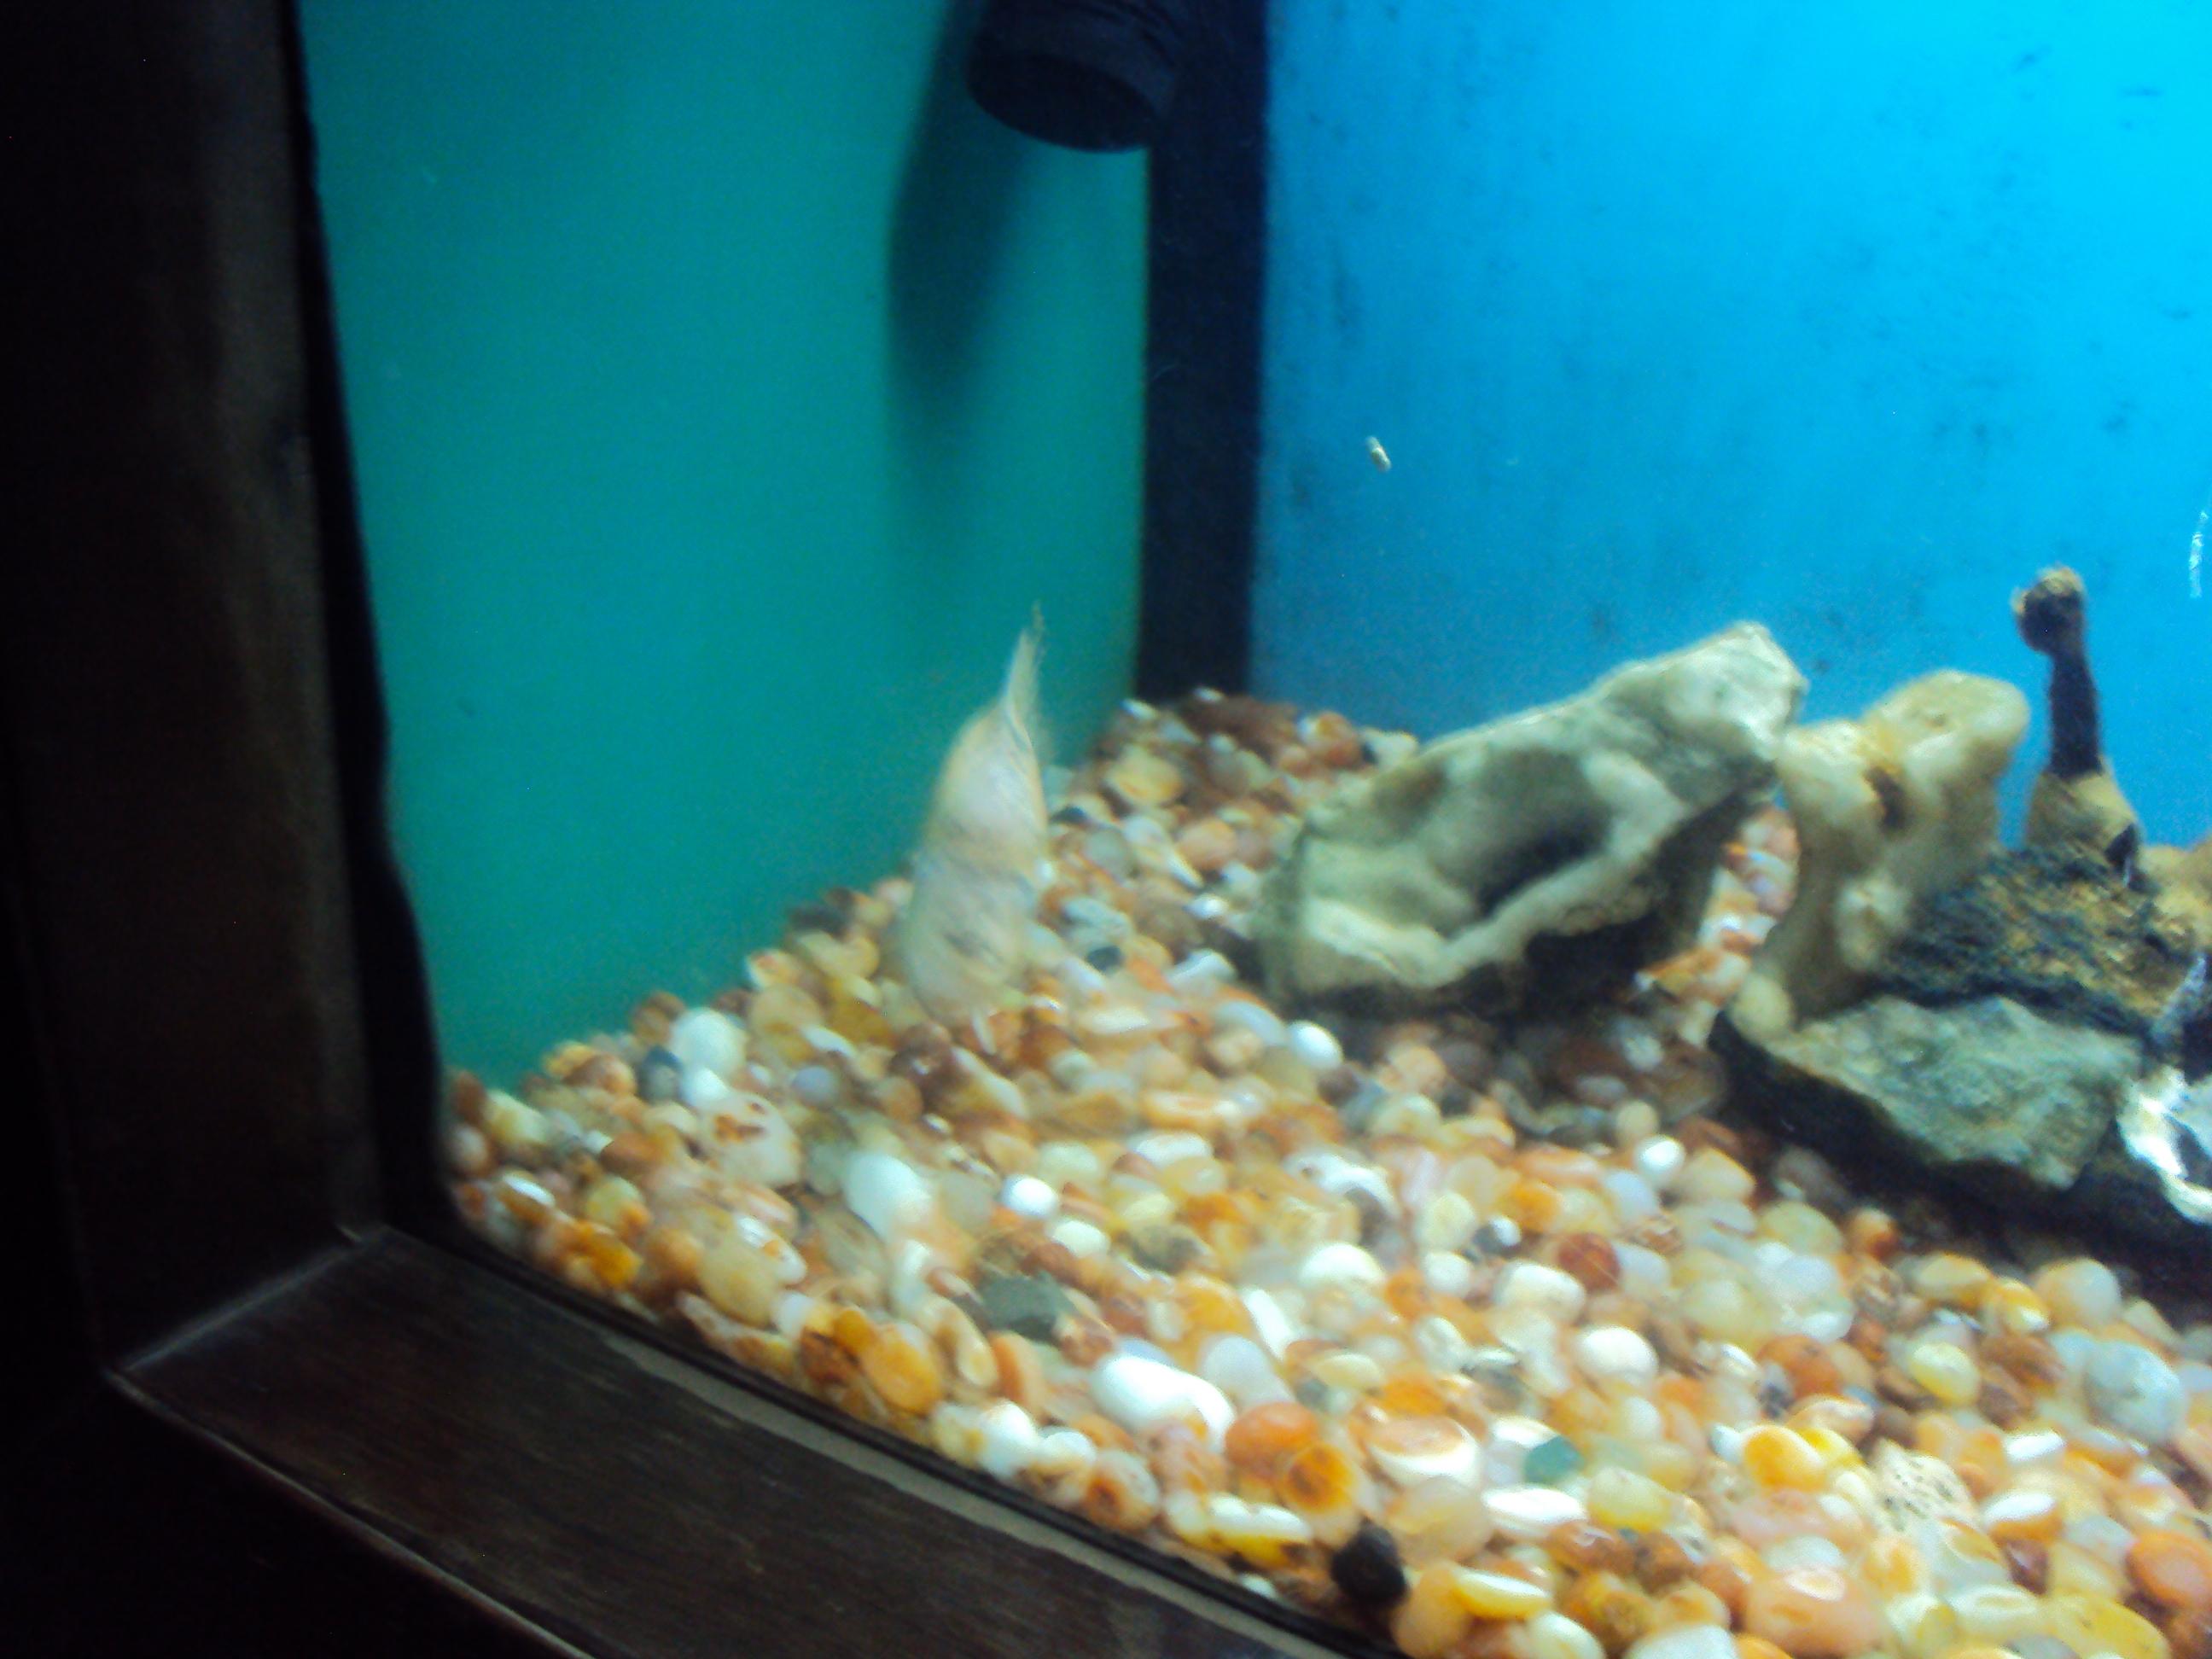 Fish aquarium tarapur - File Taraporewala Aquarium13 Jpg